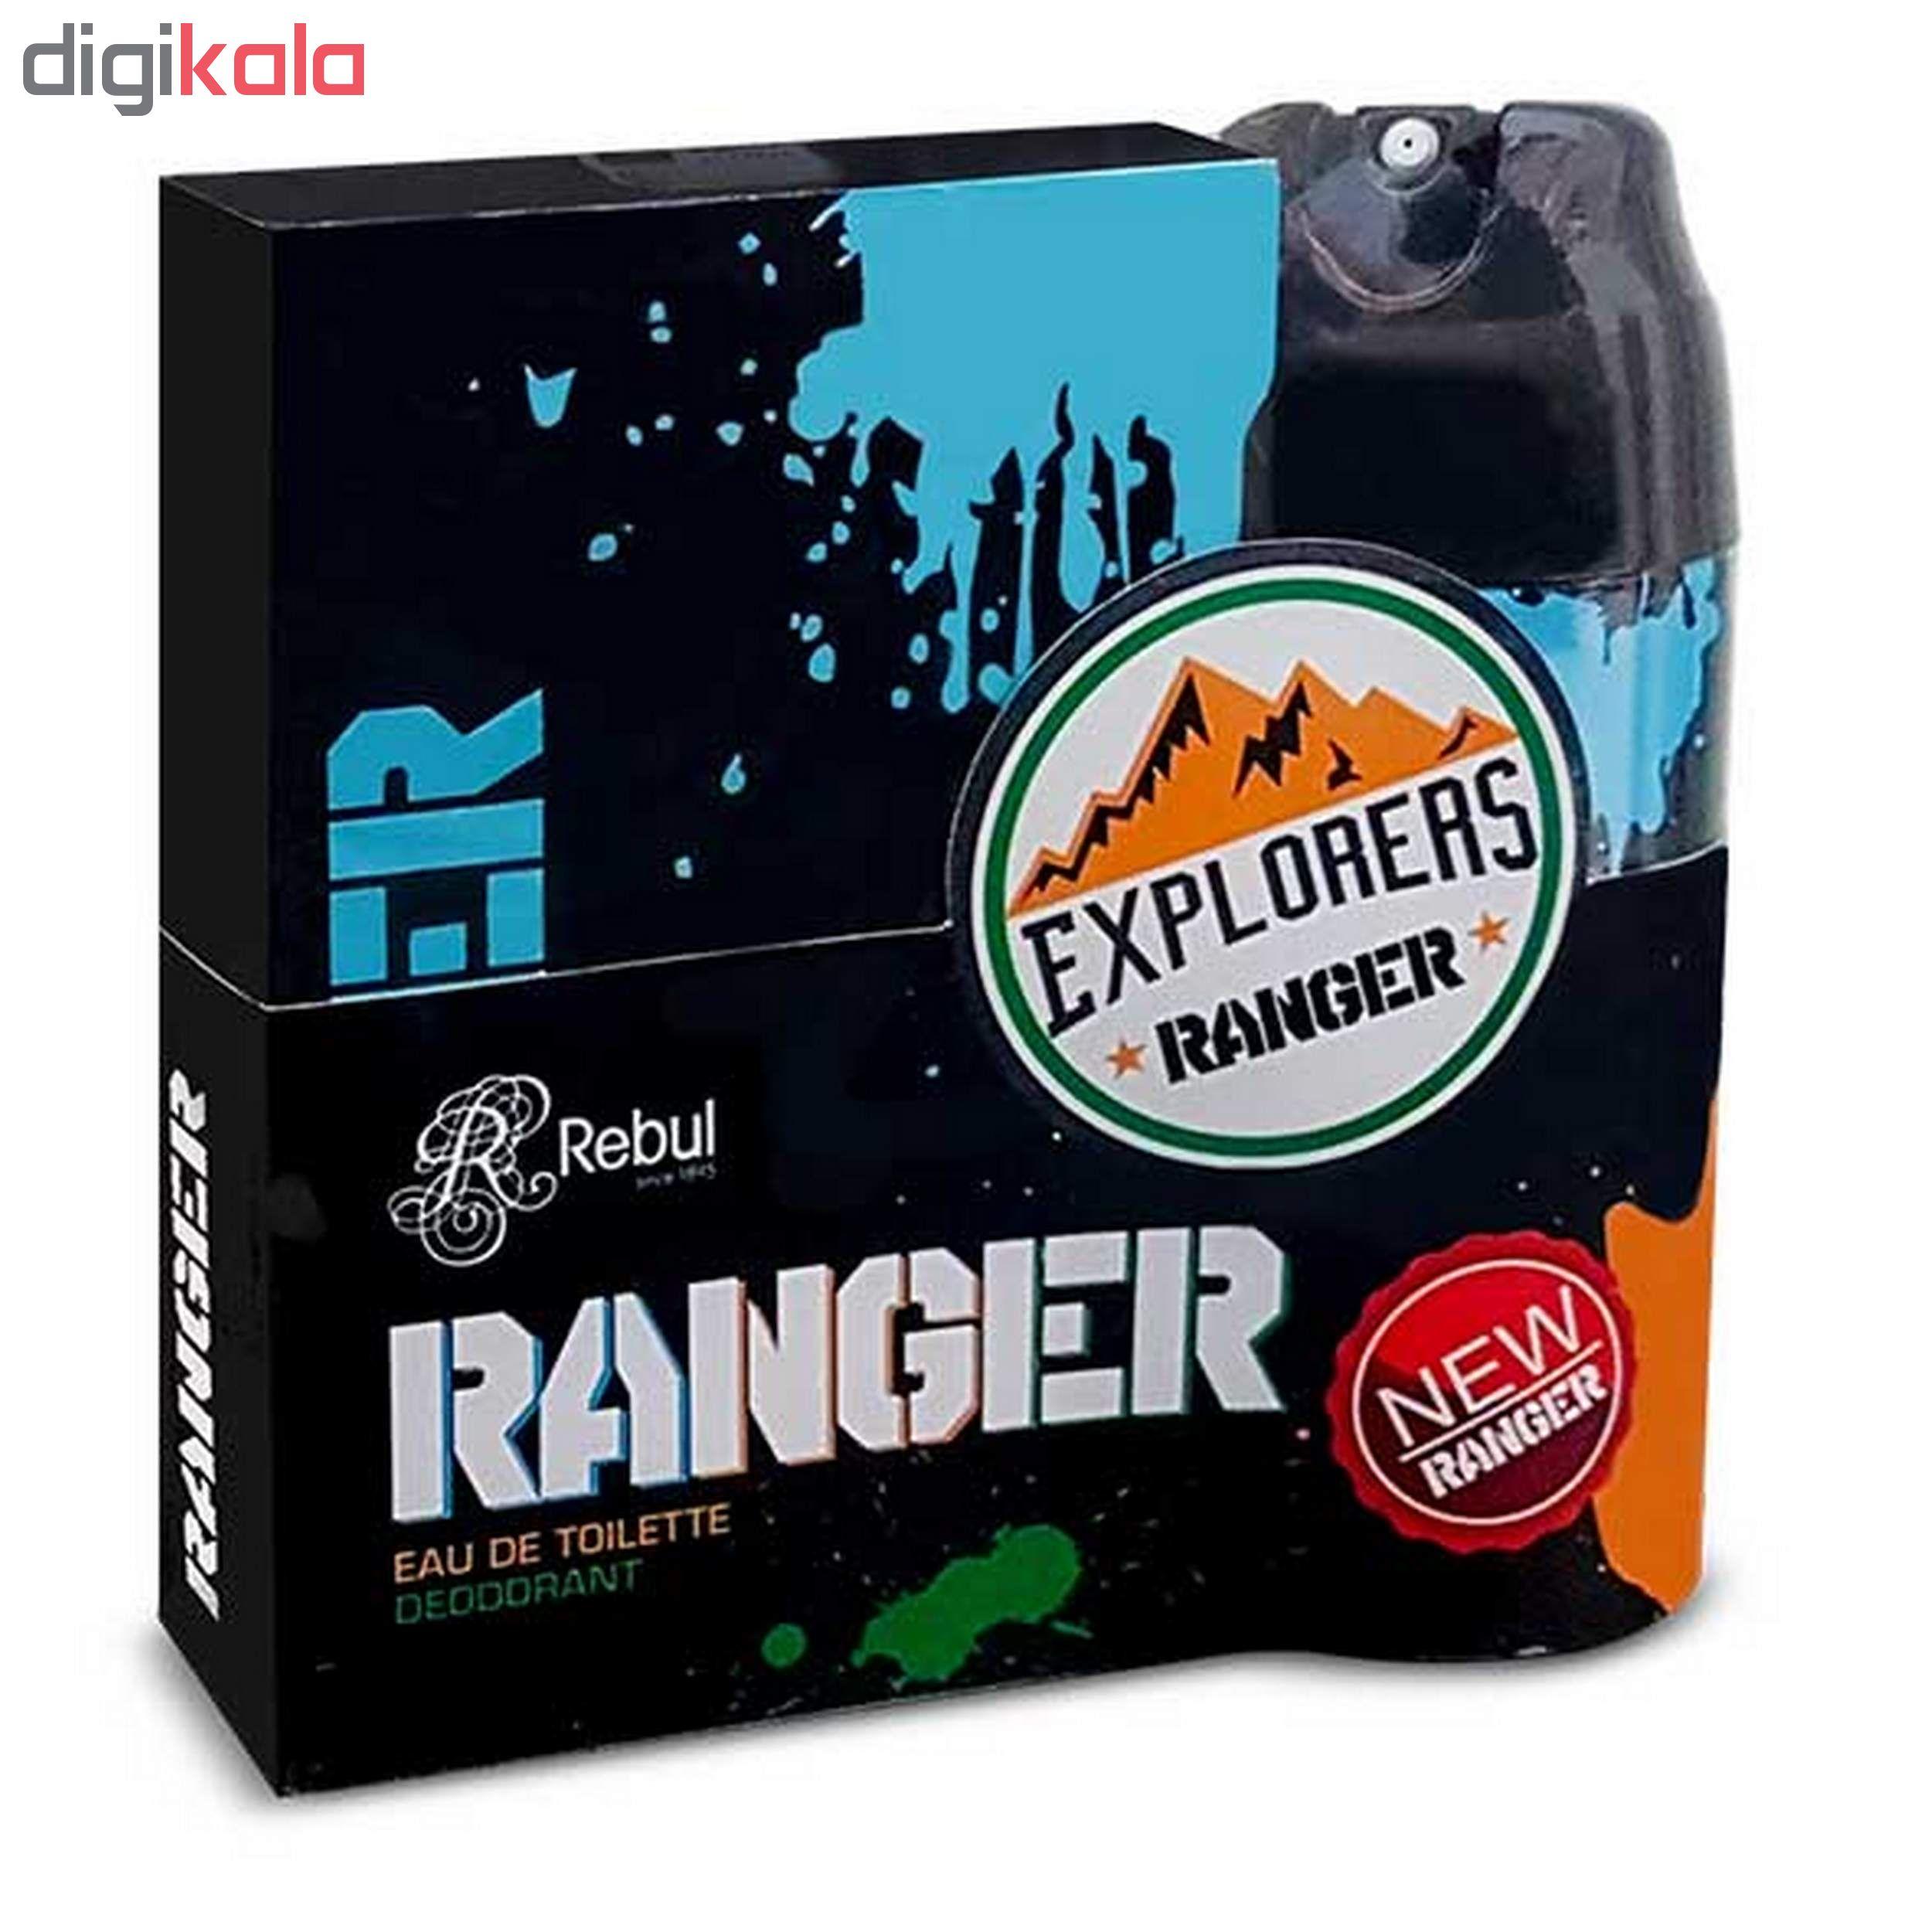 ست ادو تویلت مردانه ریبول مدل Ranger حجم 70 میلی لیتر